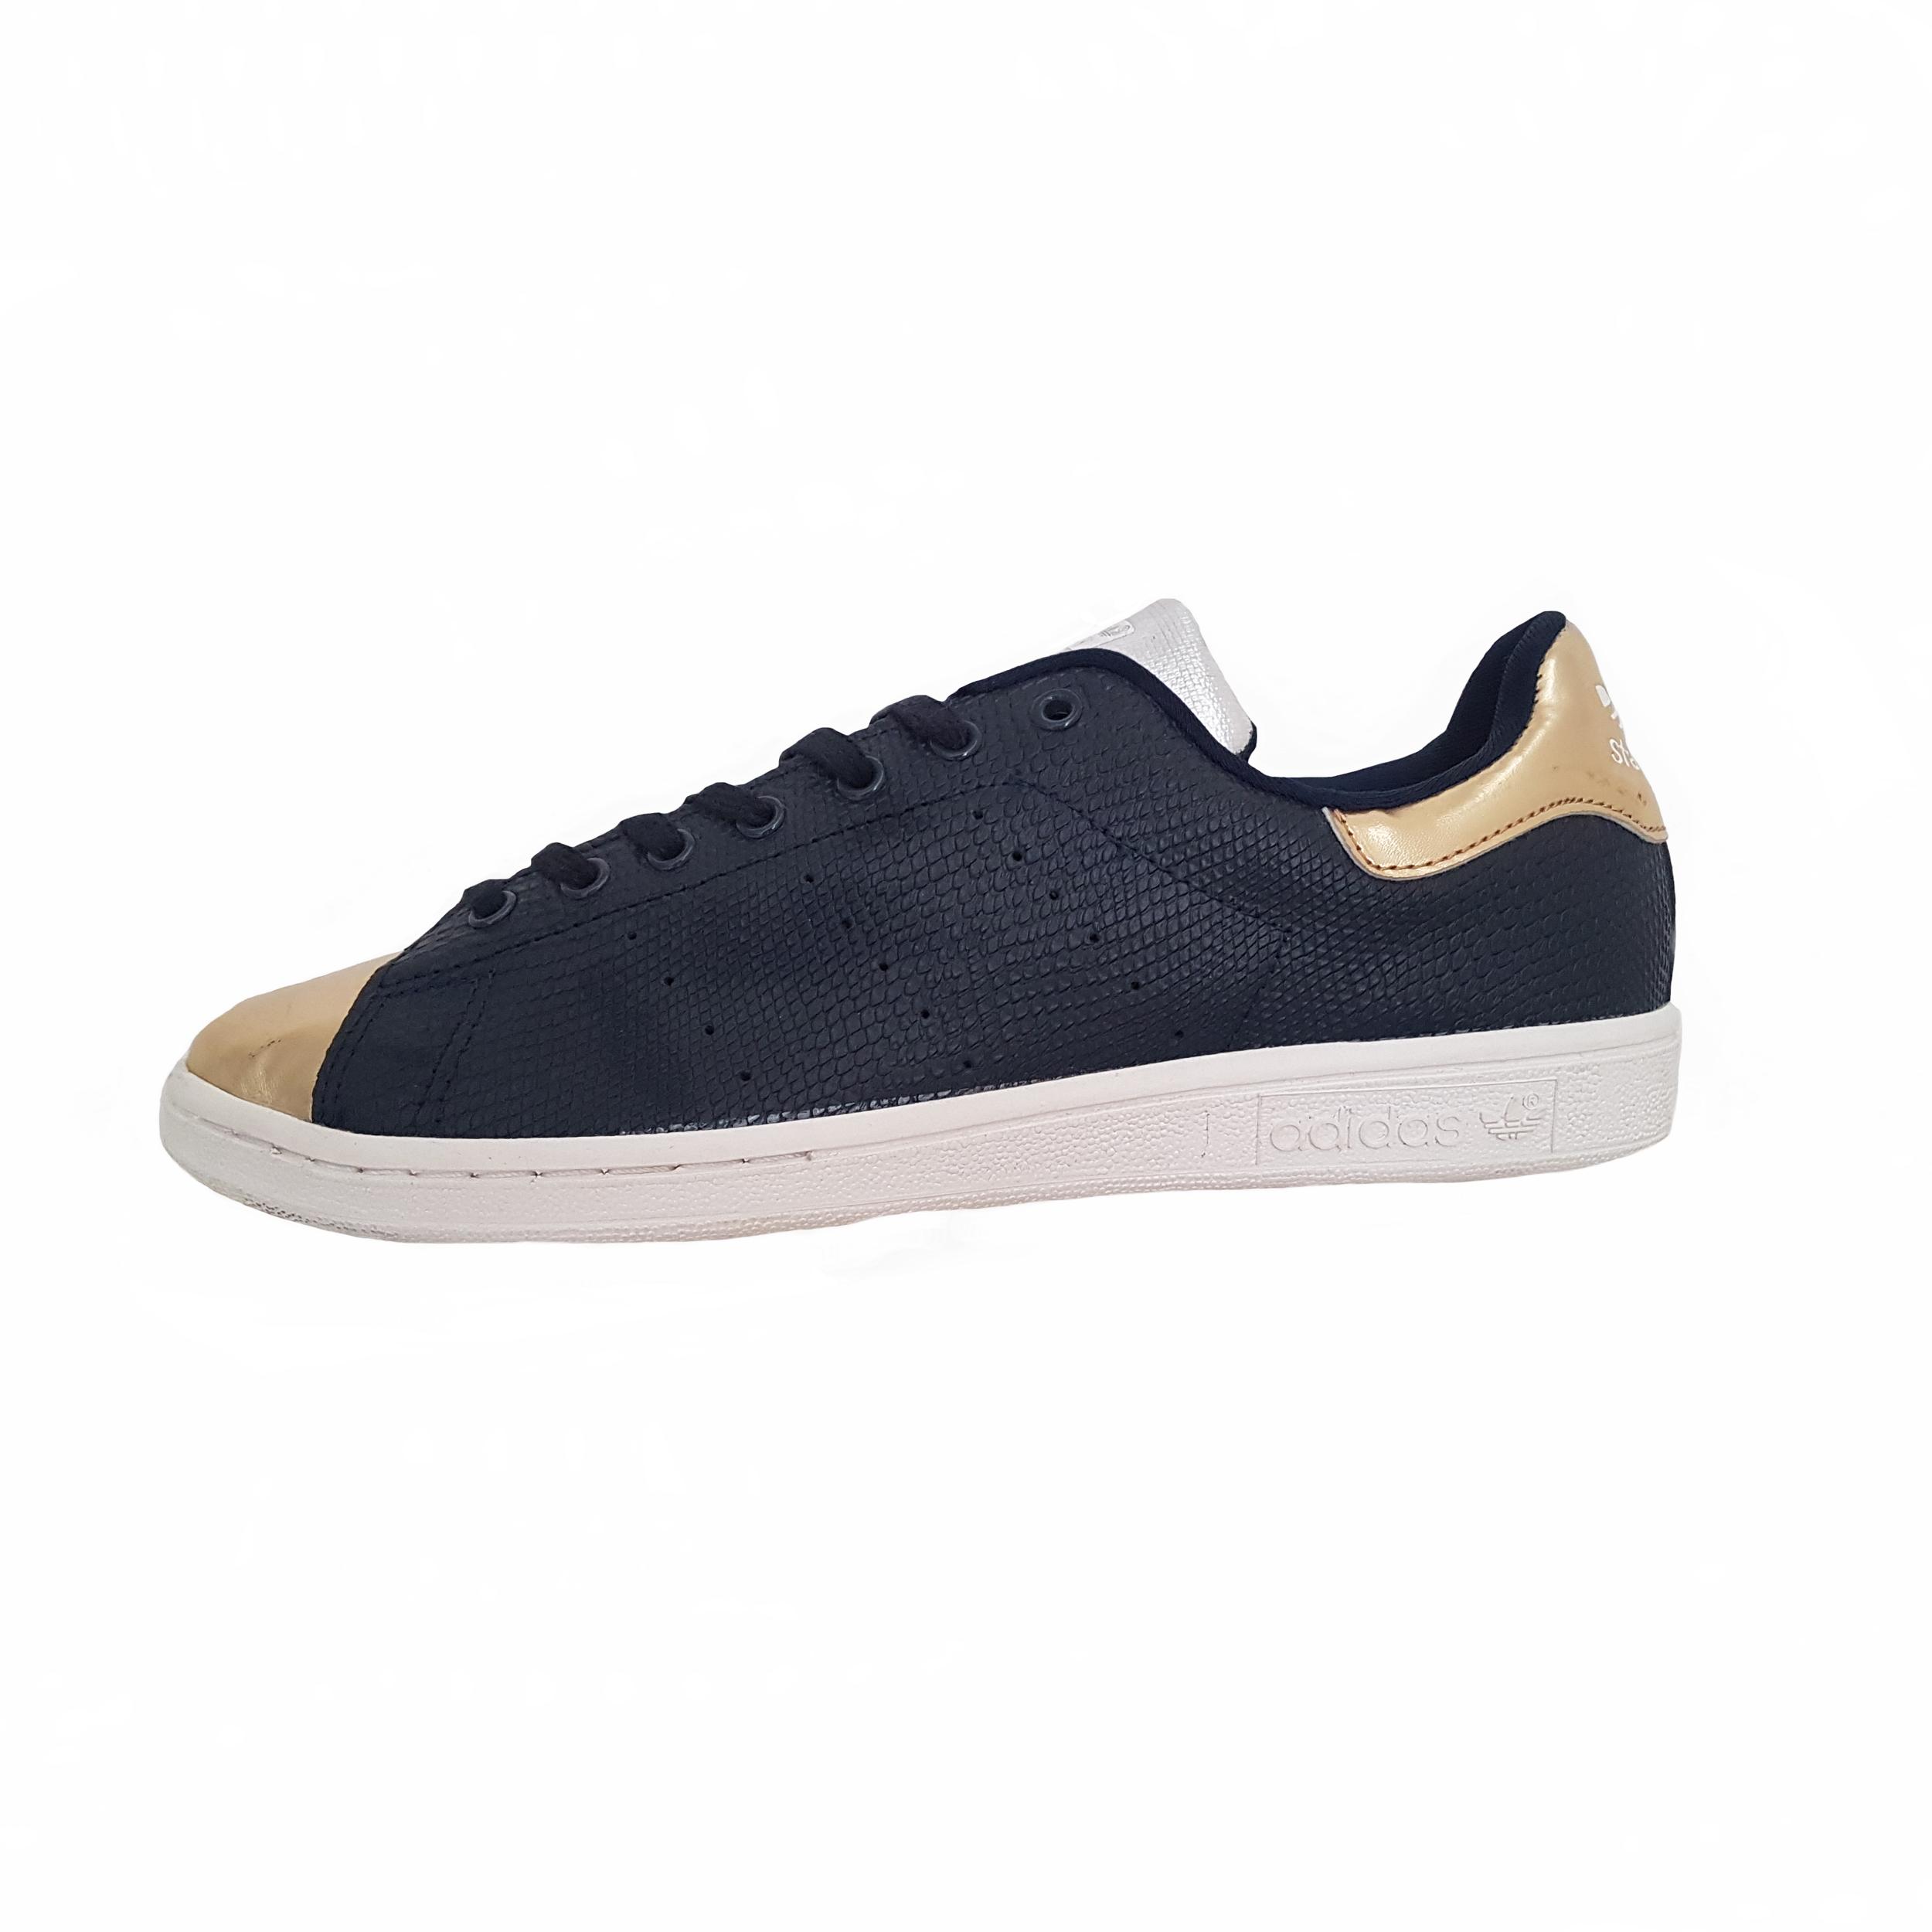 خرید                      کفش اسپورت مردانه آدیداس مدل stan smith